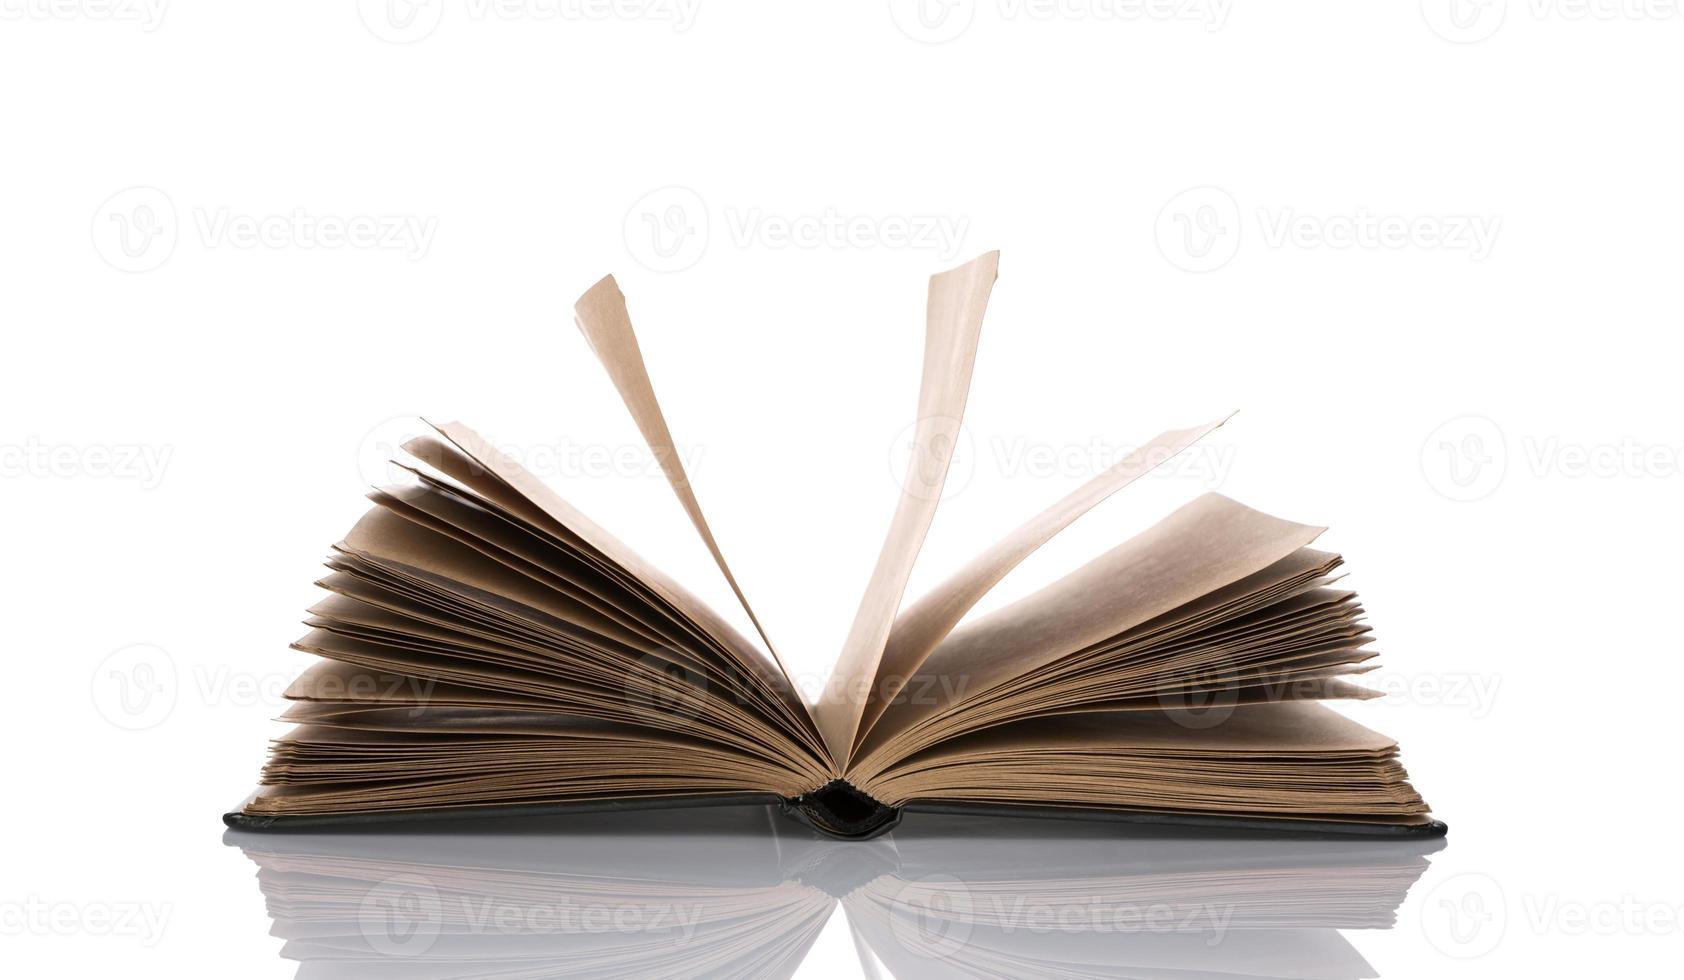 livro aberto com páginas em branco isolado sobre fundo branco foto